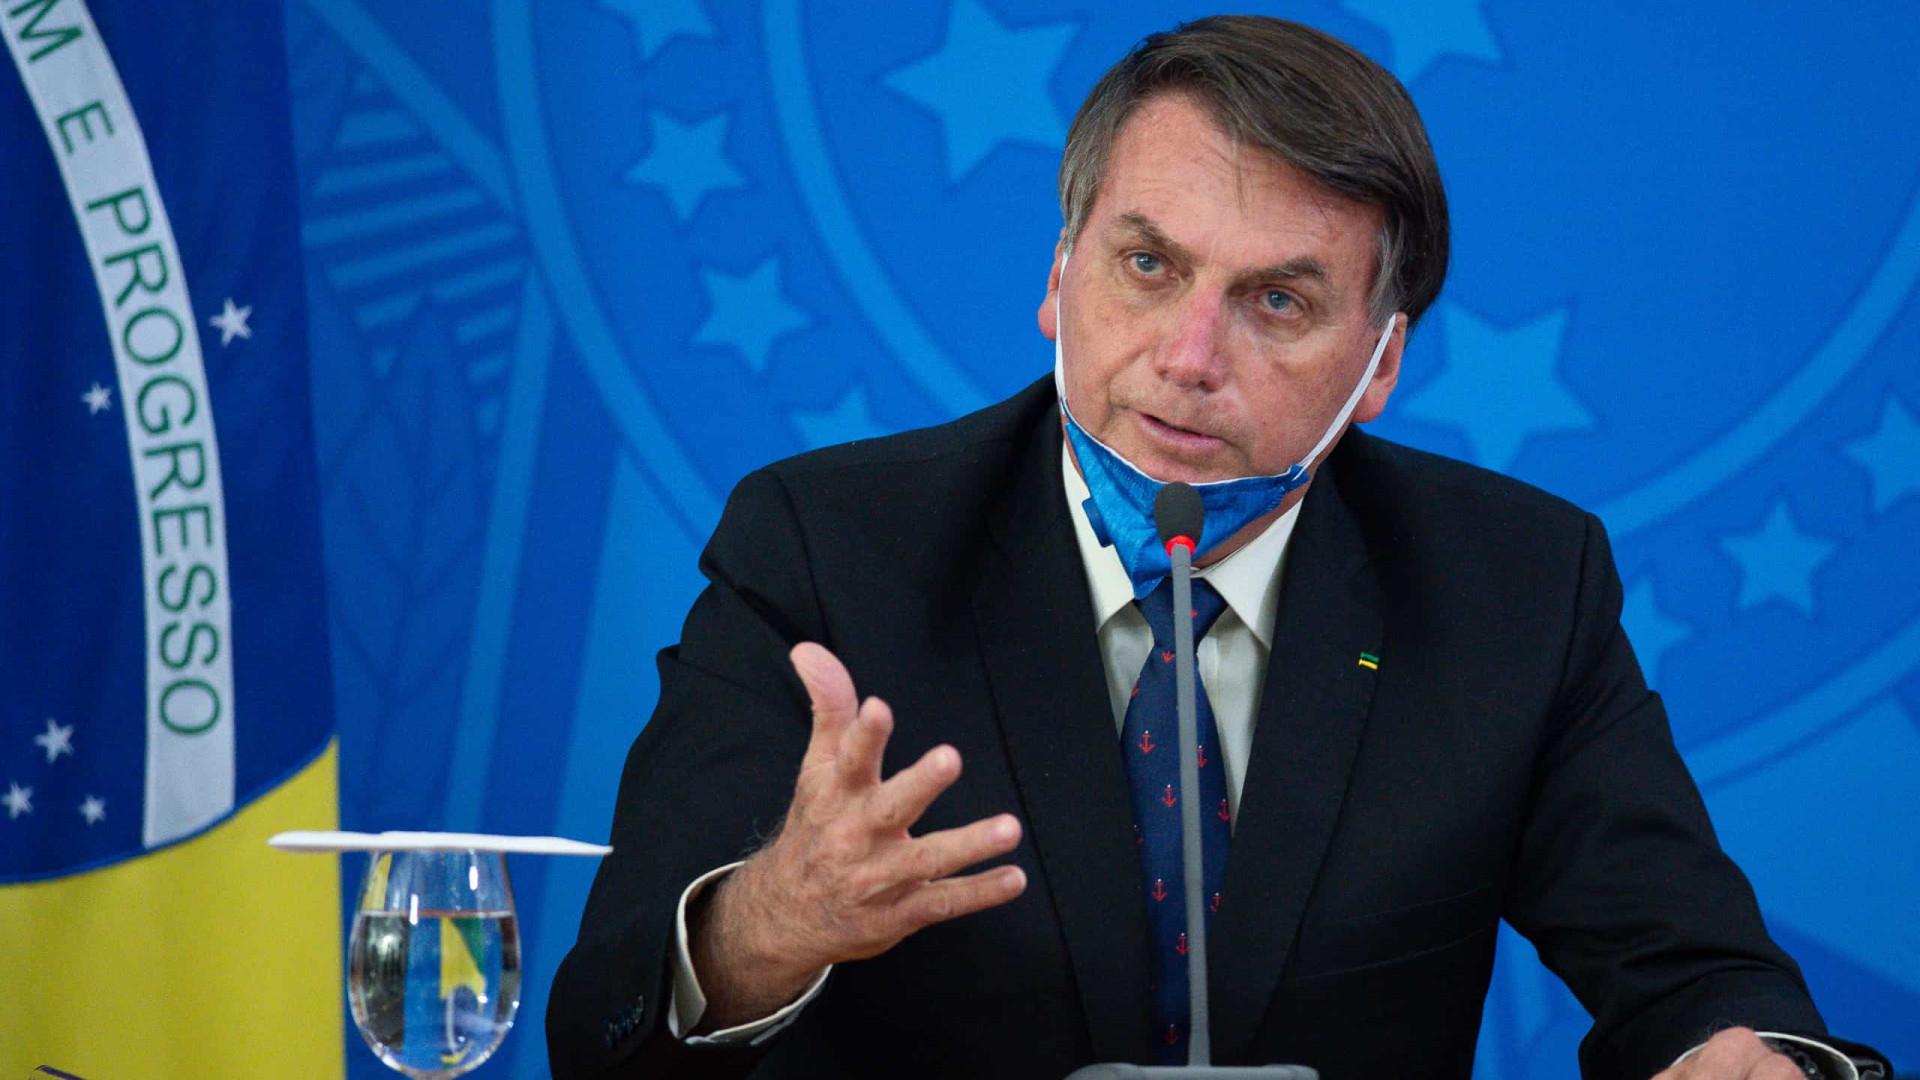 Irã vê Bolsonaro como 'homem pragmático', diz novo embaixador